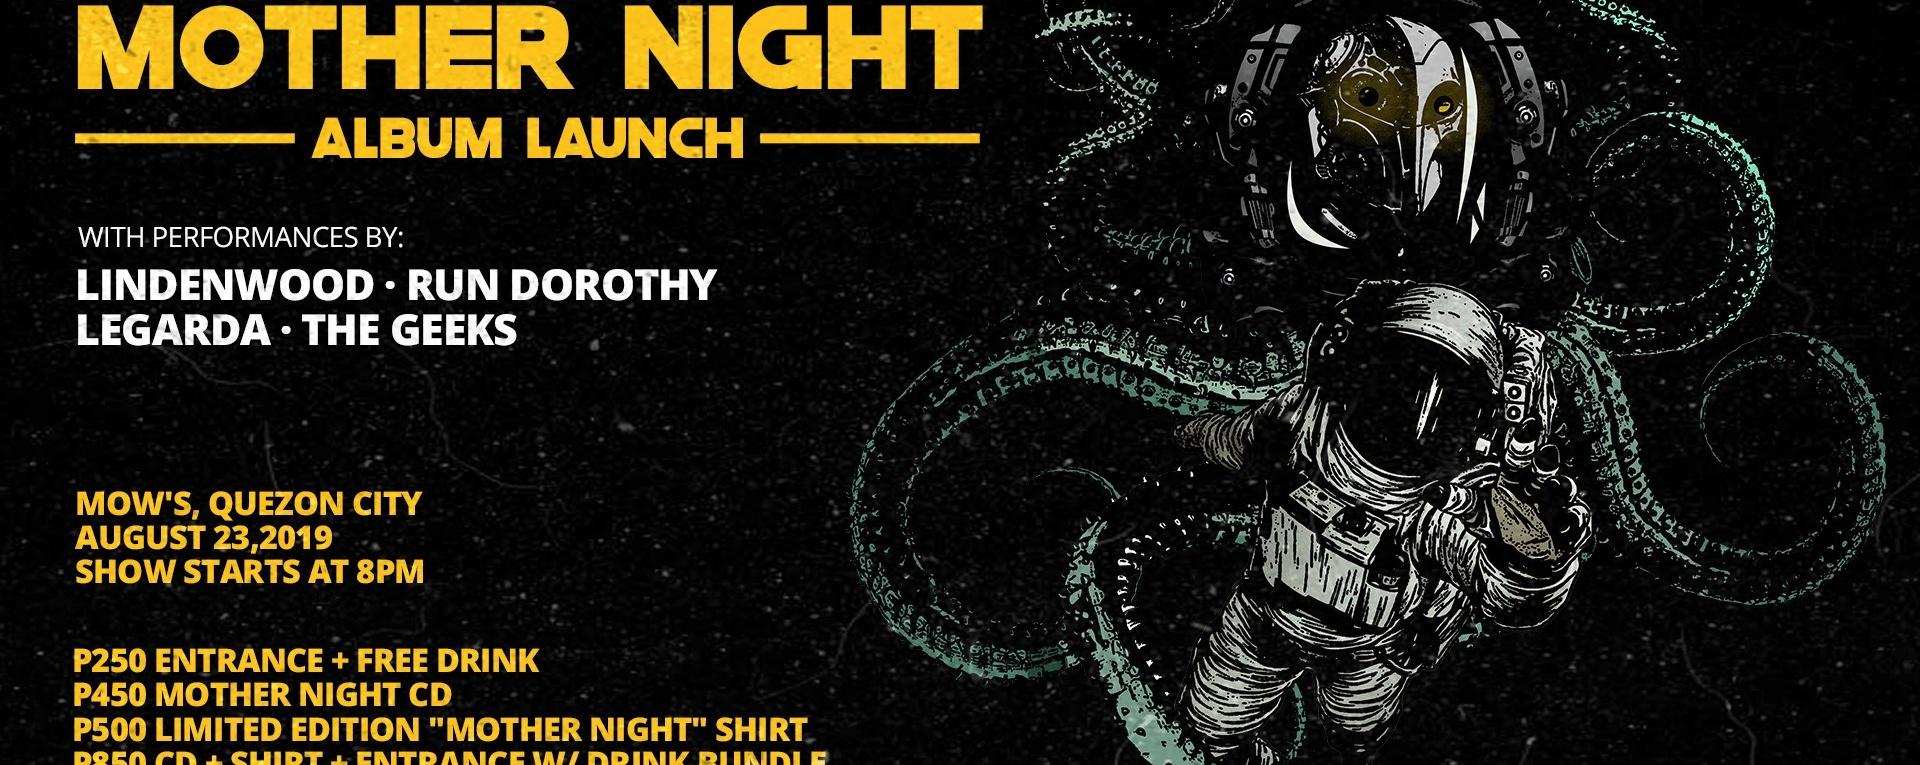 Mother Night Album Launch